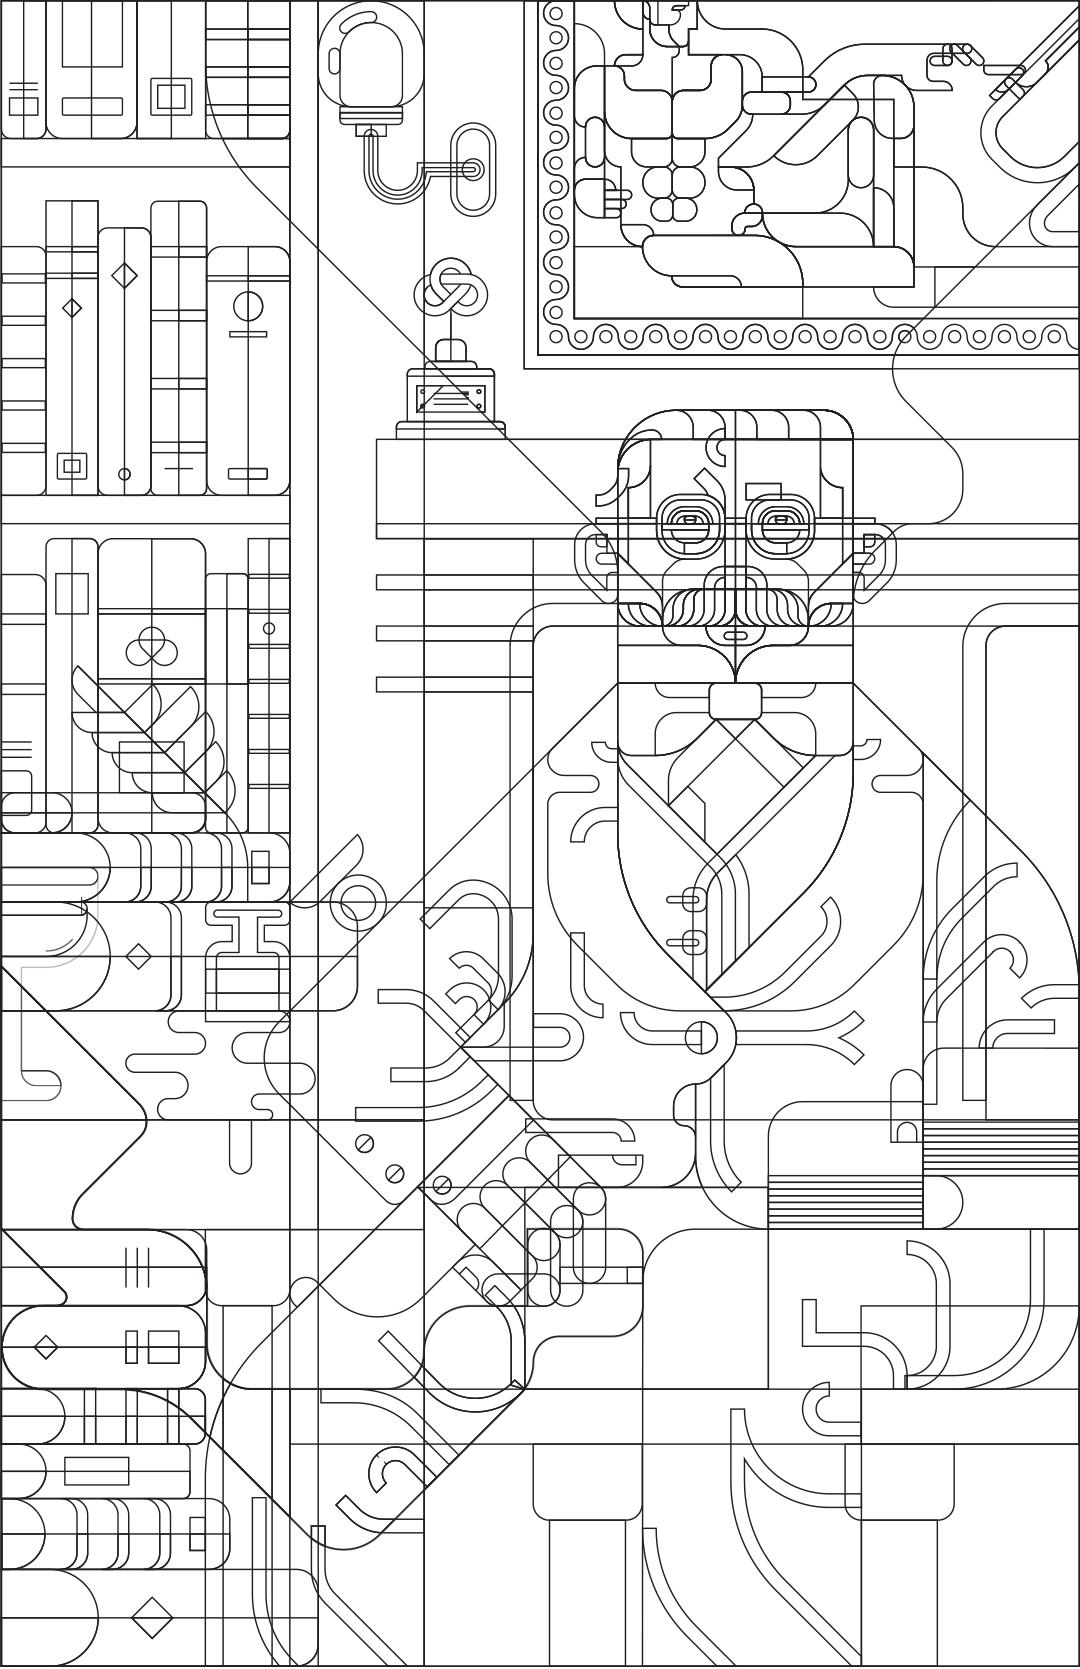 Pin By John Crooks On Illustration Ideas